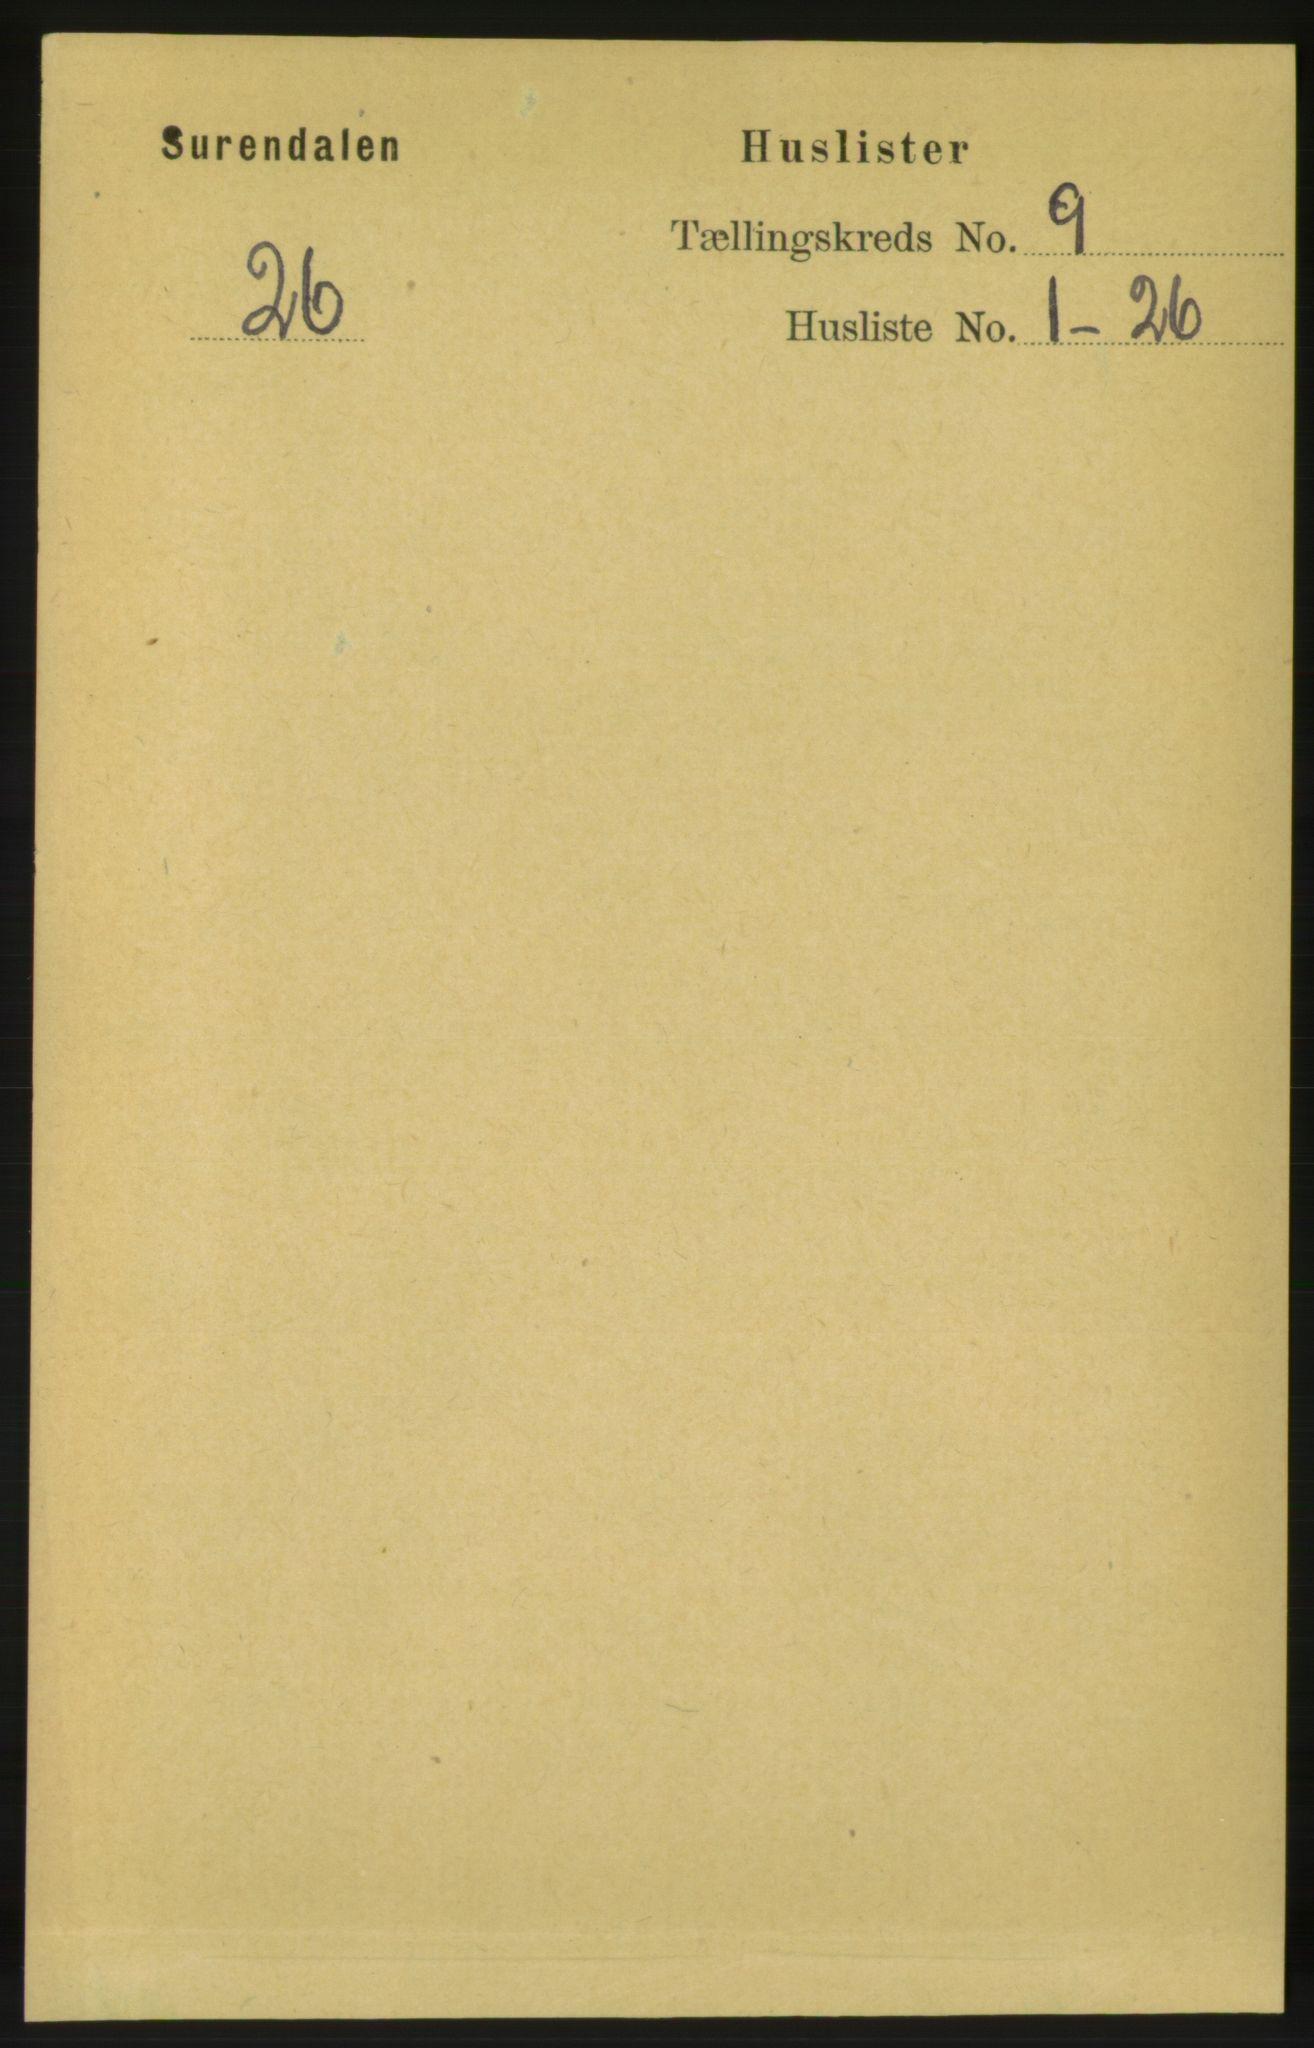 RA, Folketelling 1891 for 1566 Surnadal herred, 1891, s. 2315